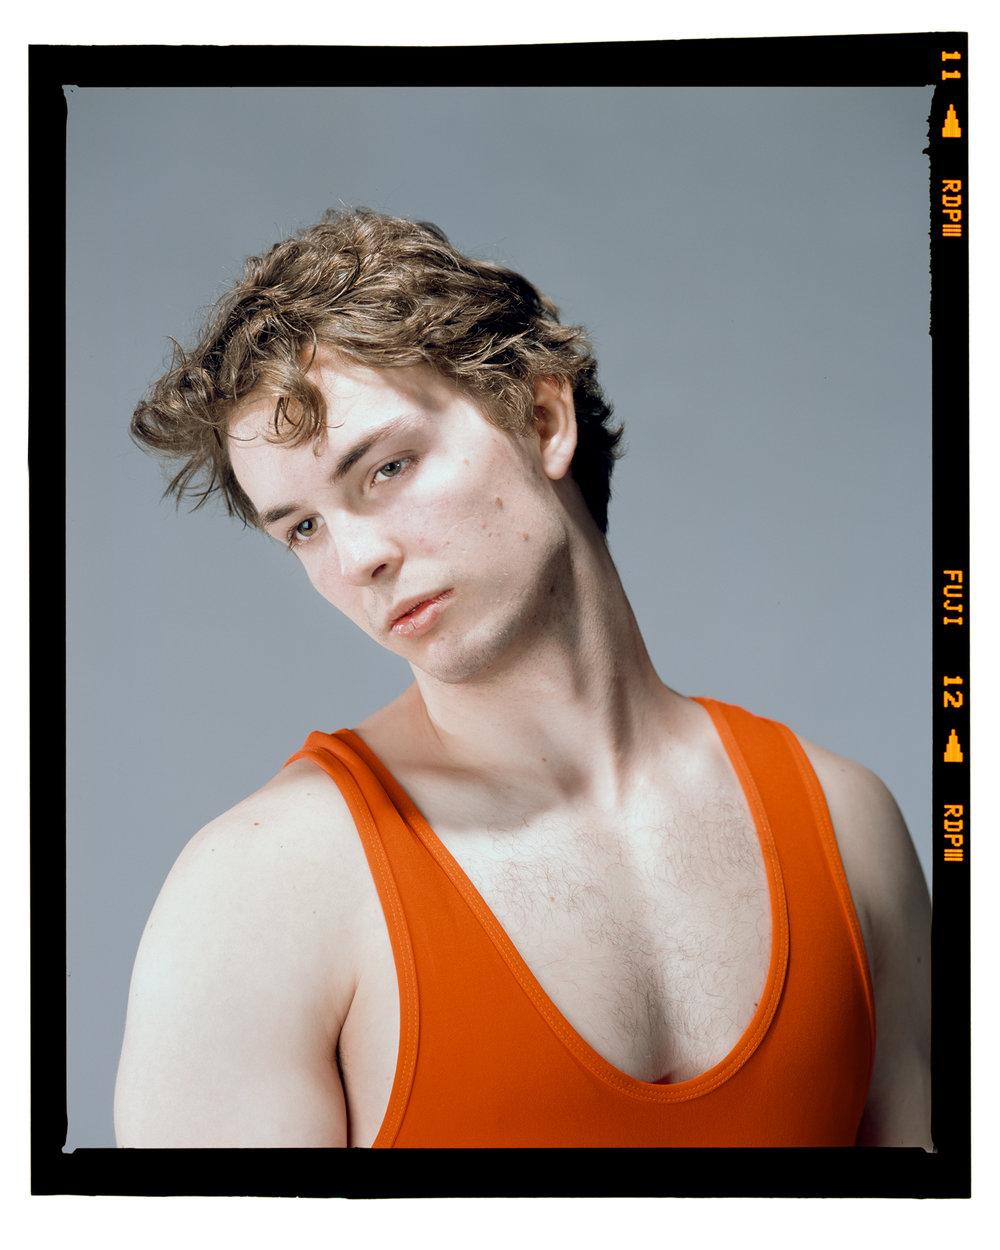 08 - Reed_The_Wrestler_Ben_McNutt_16.jpg